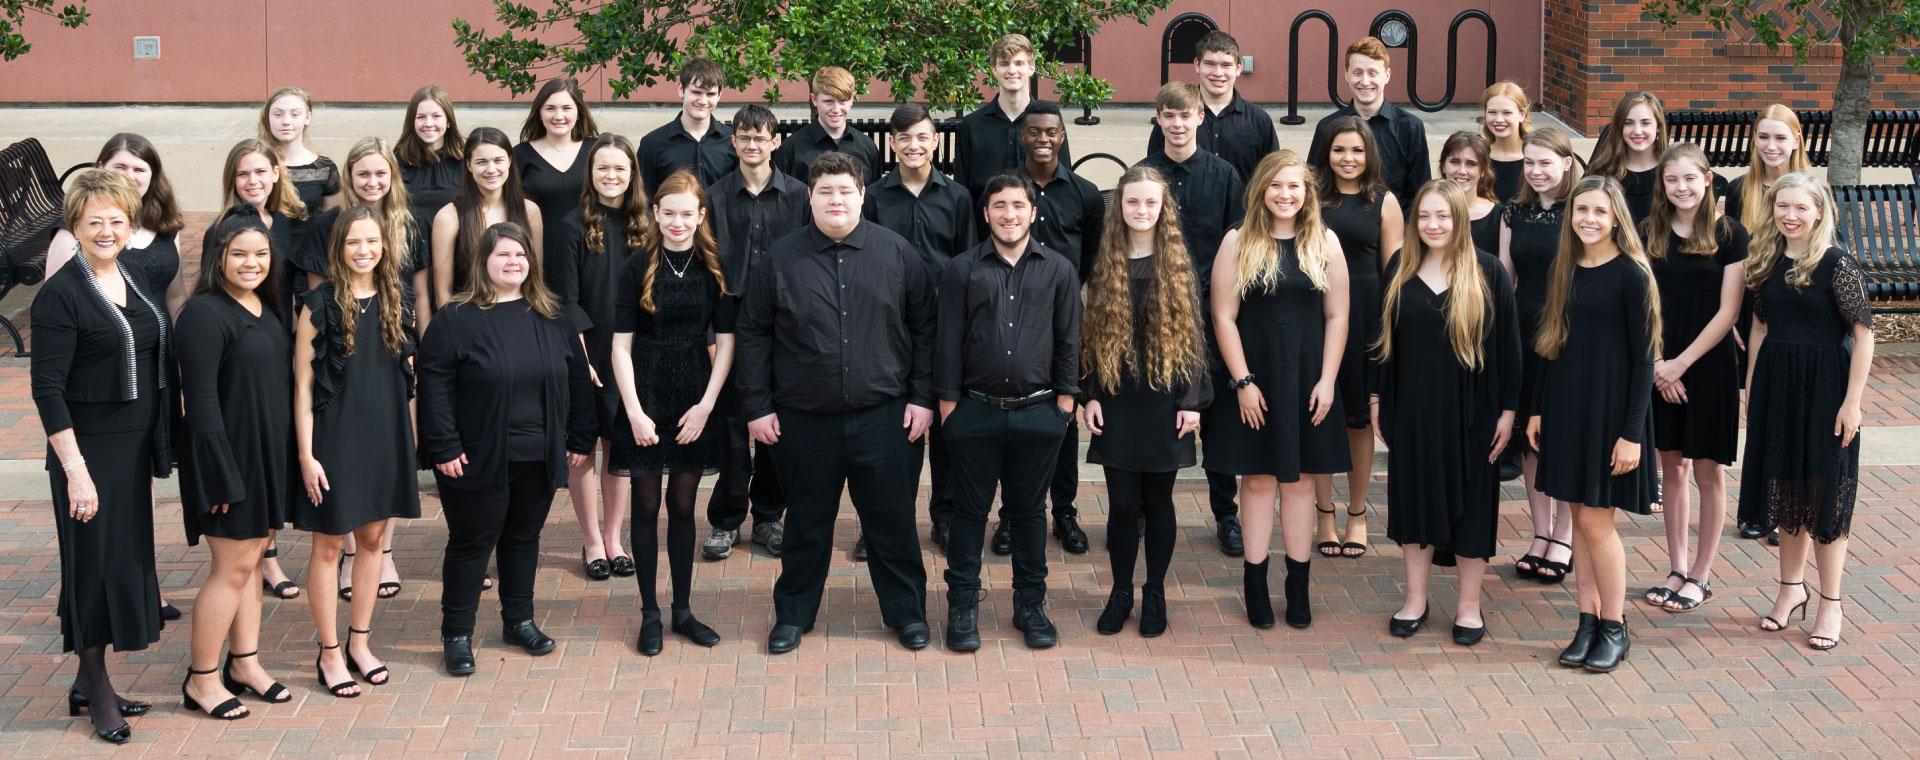 choir-pic2